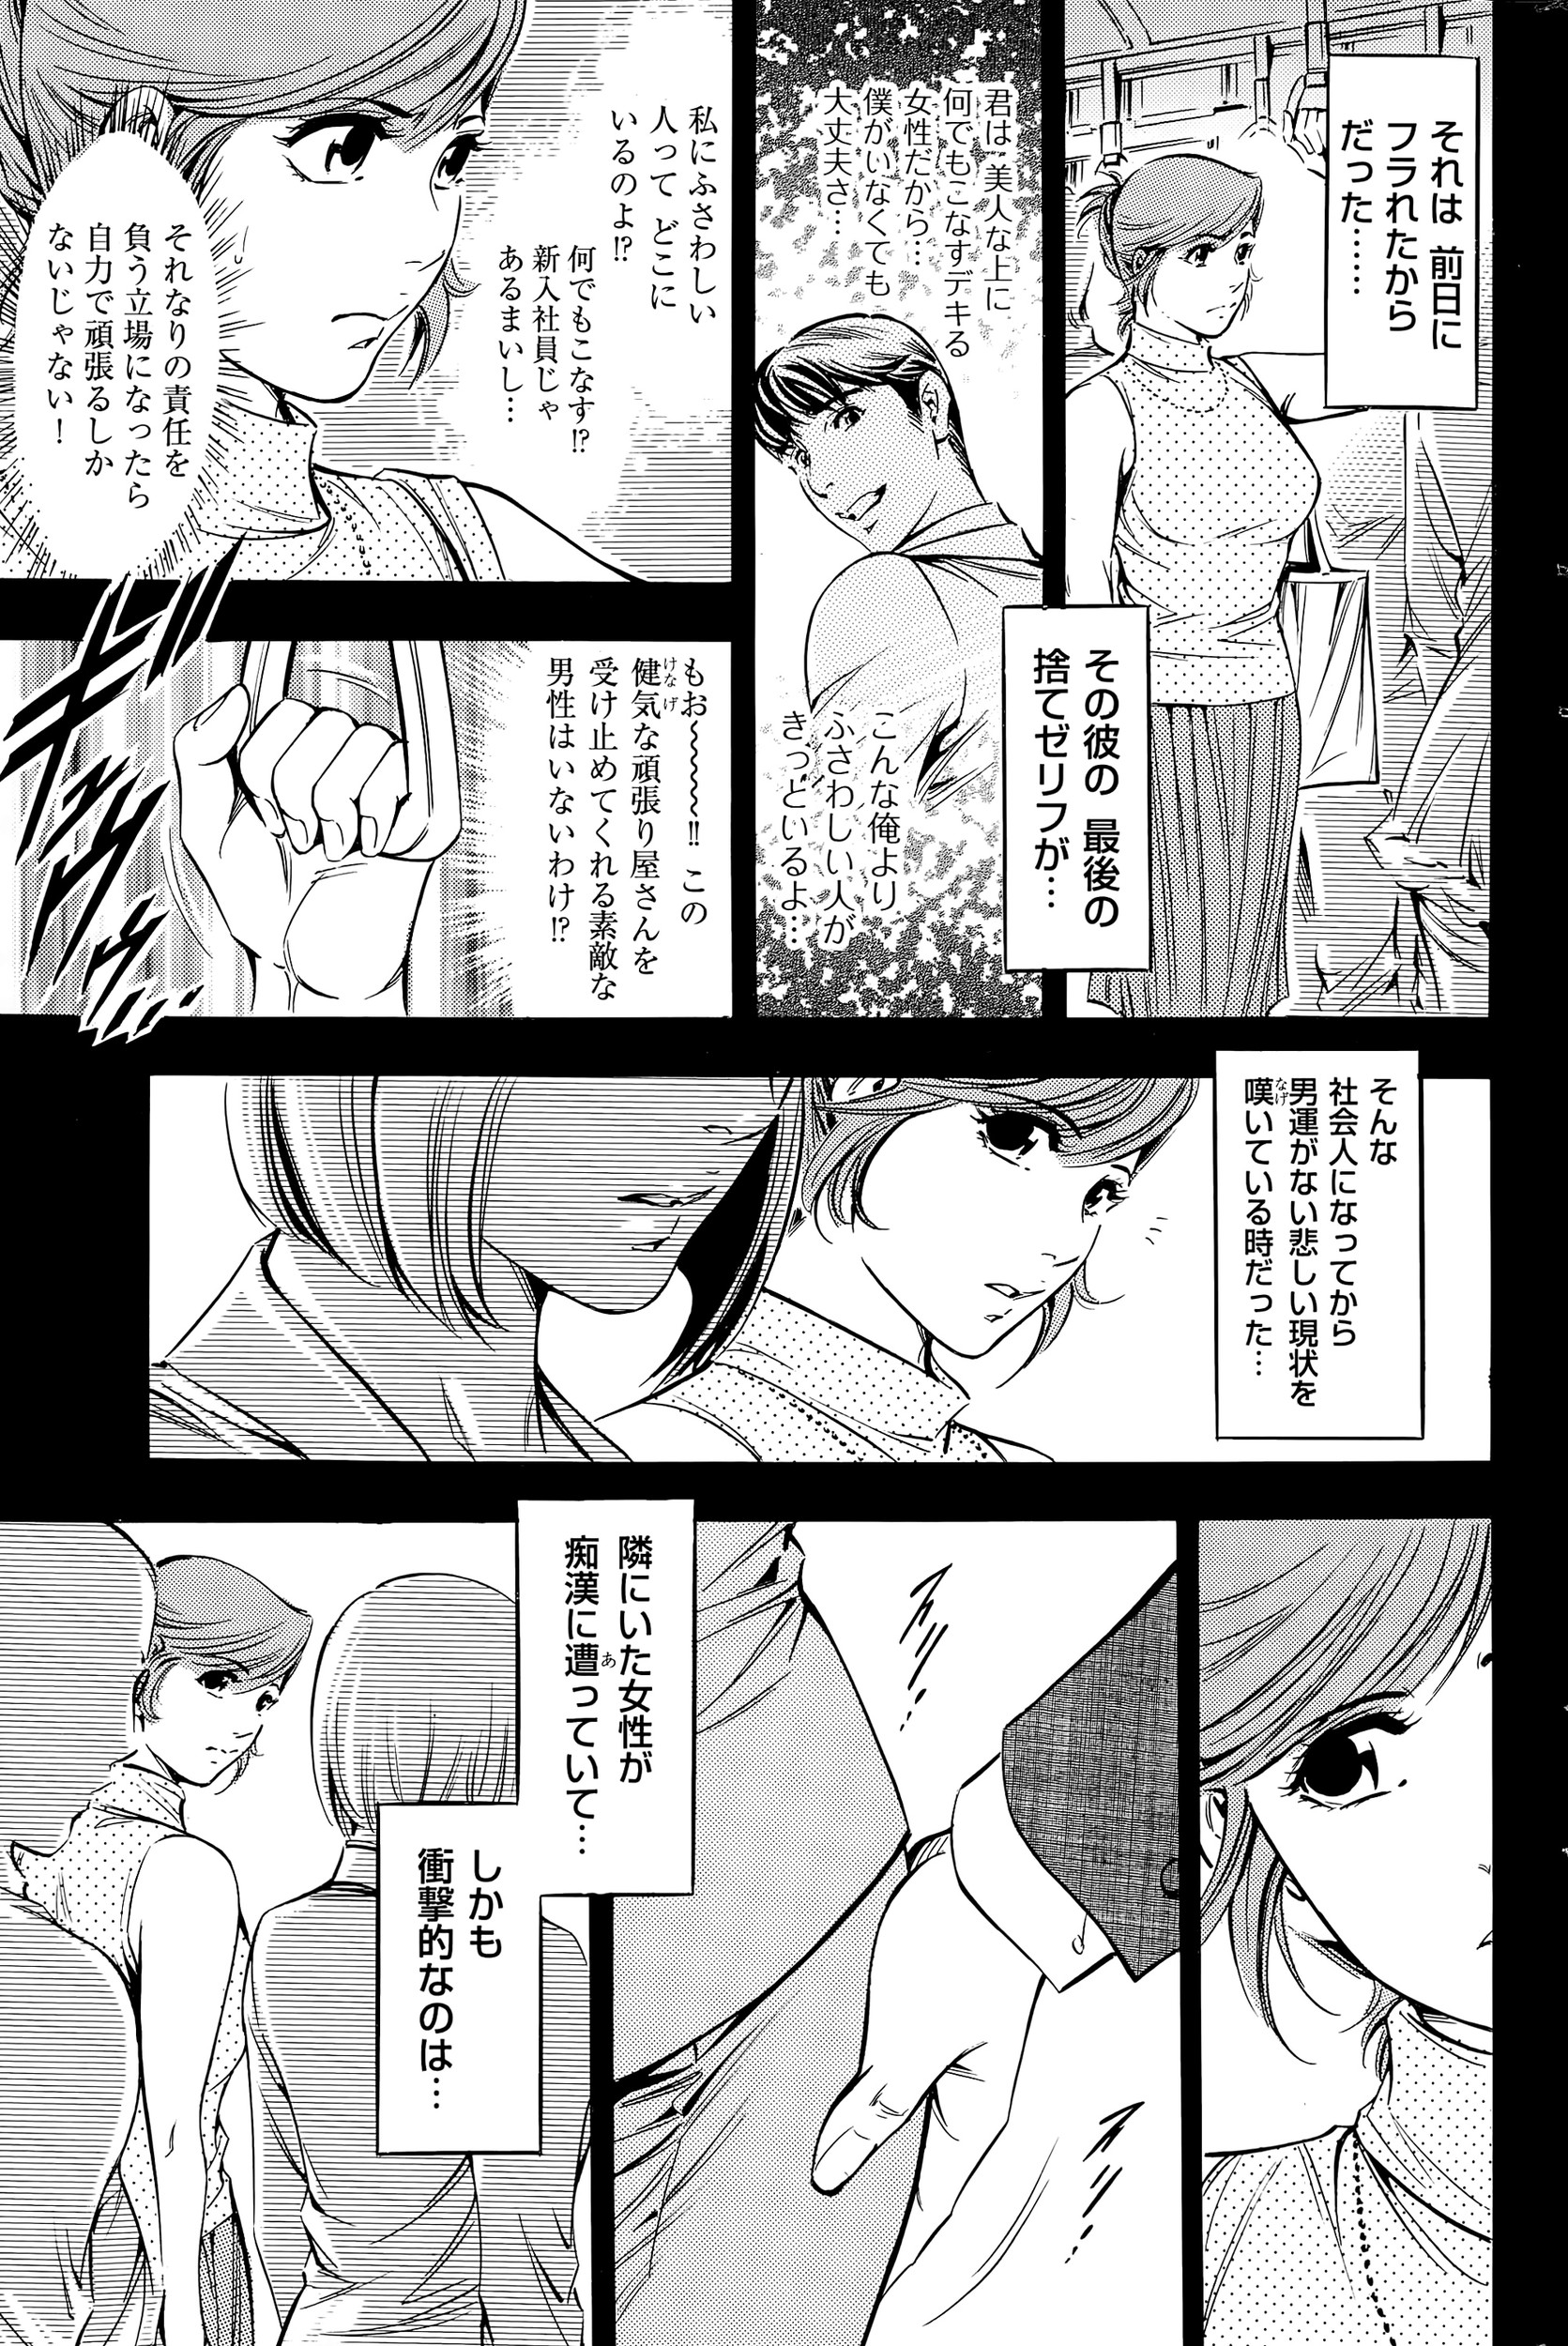 【エロ漫画・エロ同人】痴漢されたくてしょうがない巨乳OLwww (3)